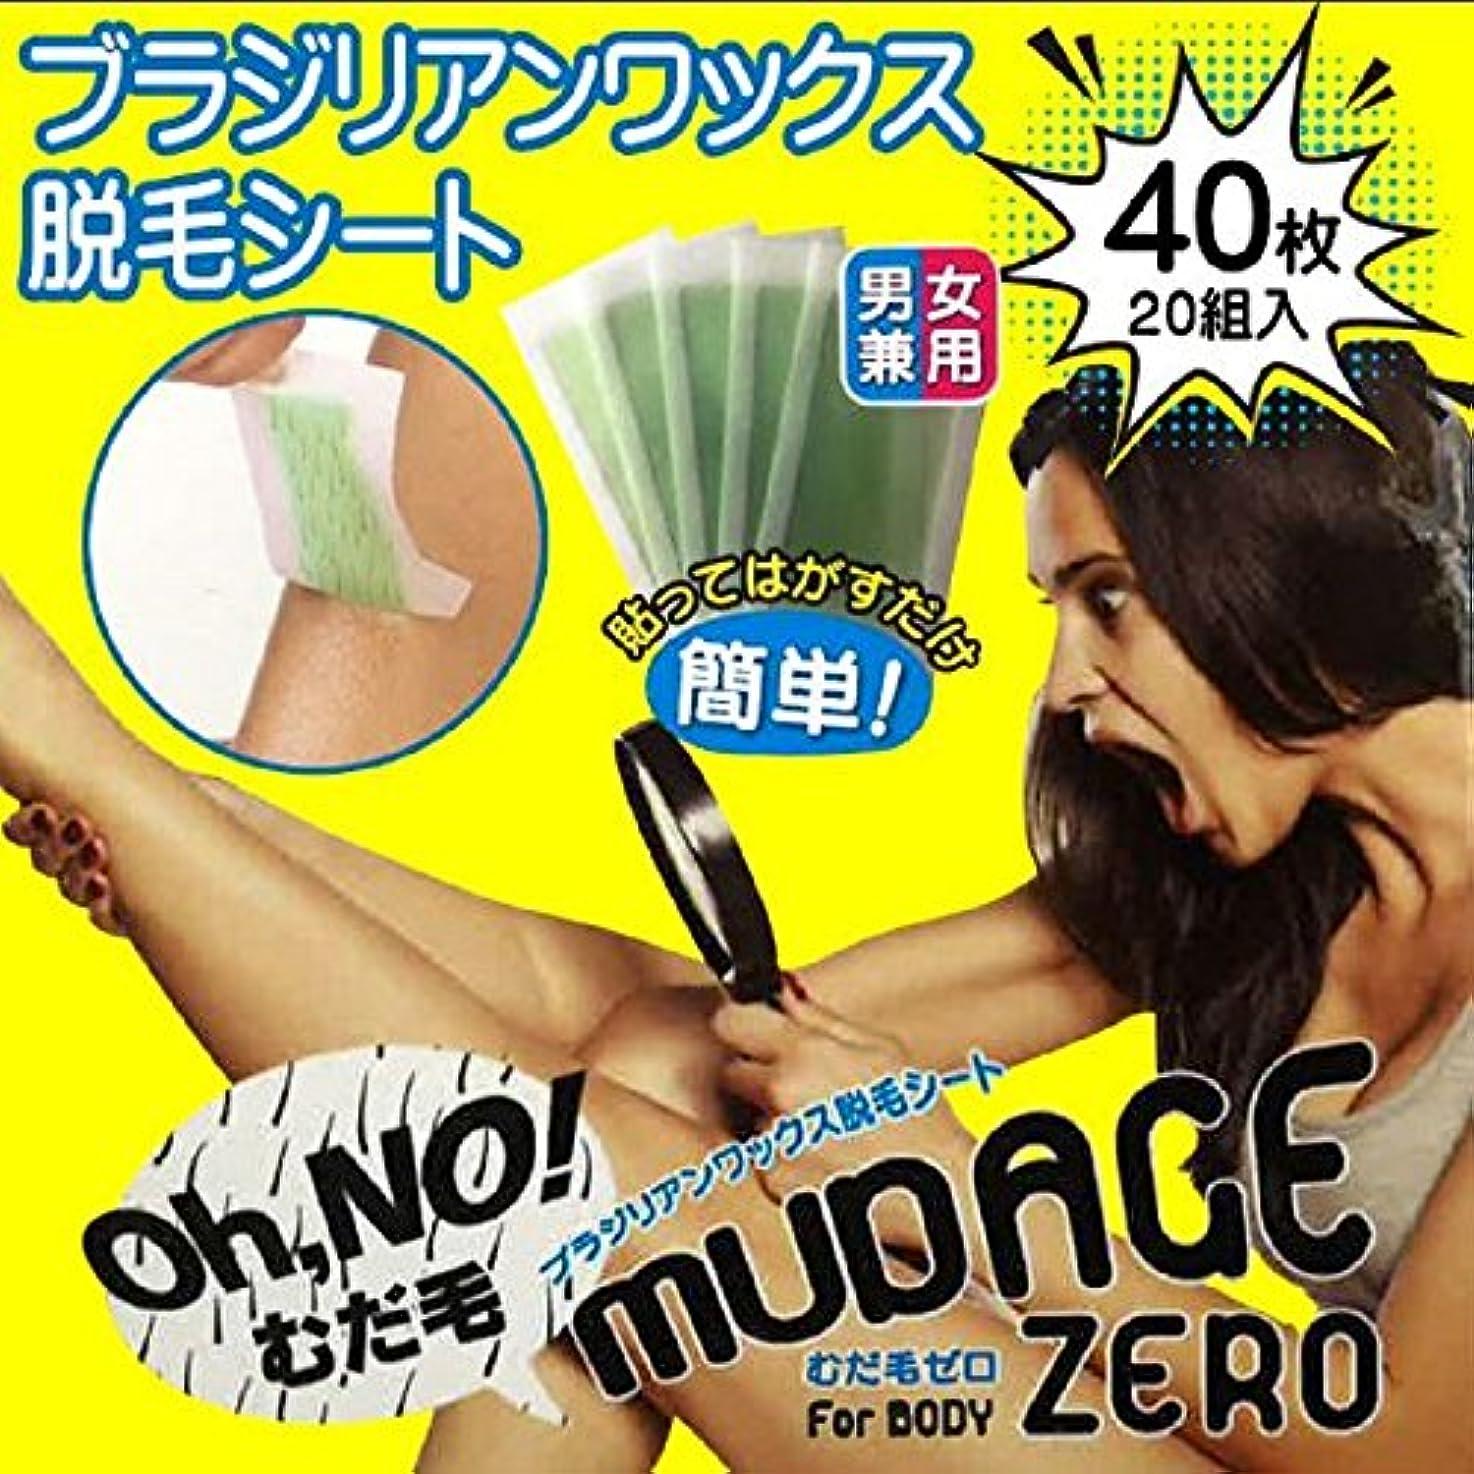 最初は分配します収束する貼って剥がすだけ ブラジリアンワックス 脱毛シート MUDAGE ZERO for Body (40枚入り)